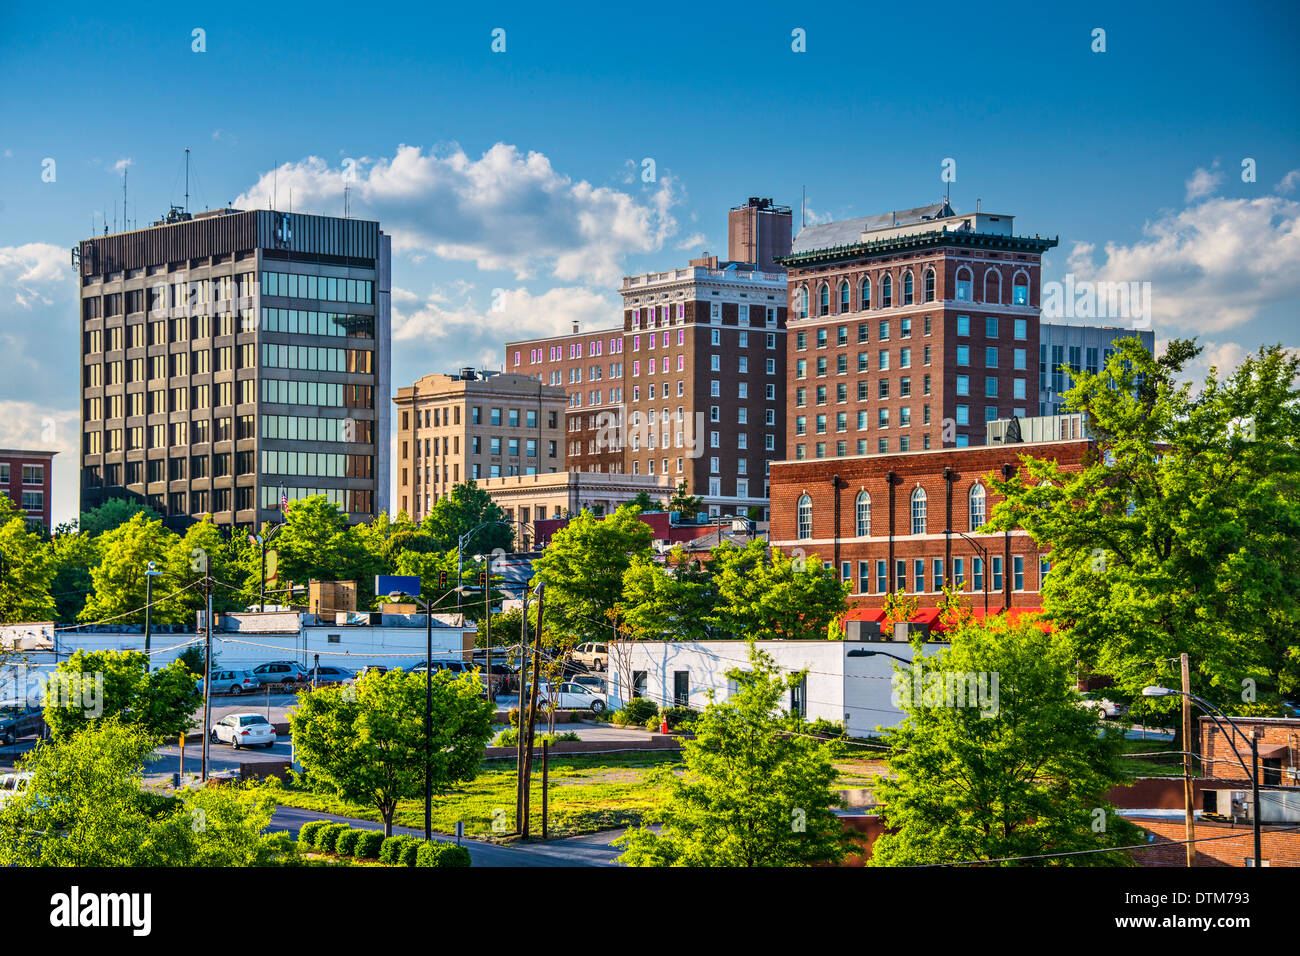 Greenville, South Carolina, USA Innenstadt von Gebäuden. Stockbild